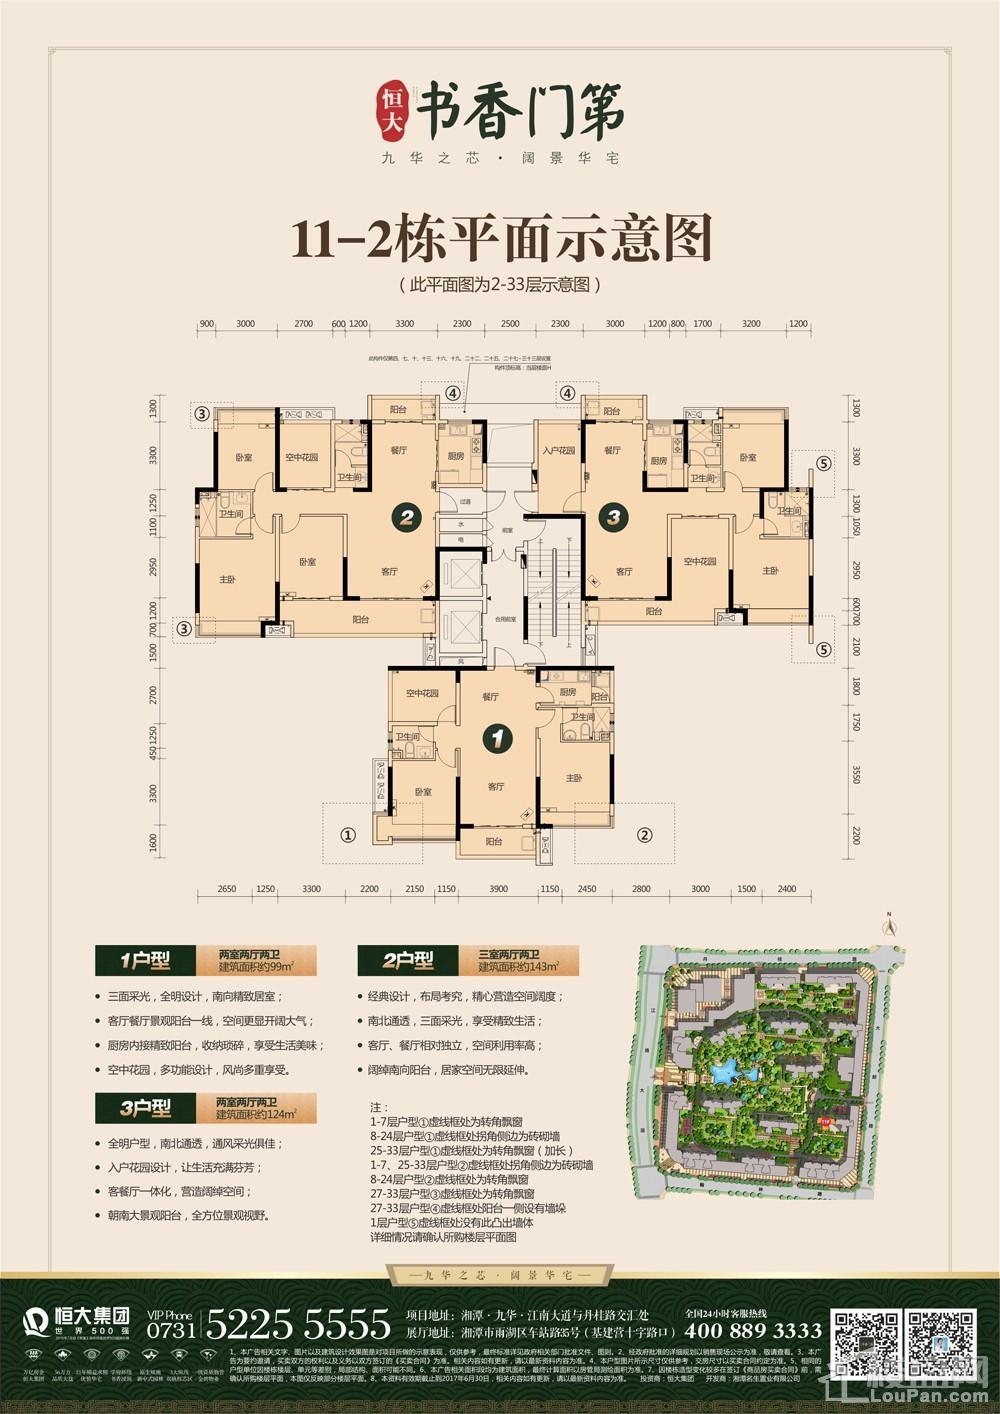 湘潭恒大书香门第11-2#栋户型图